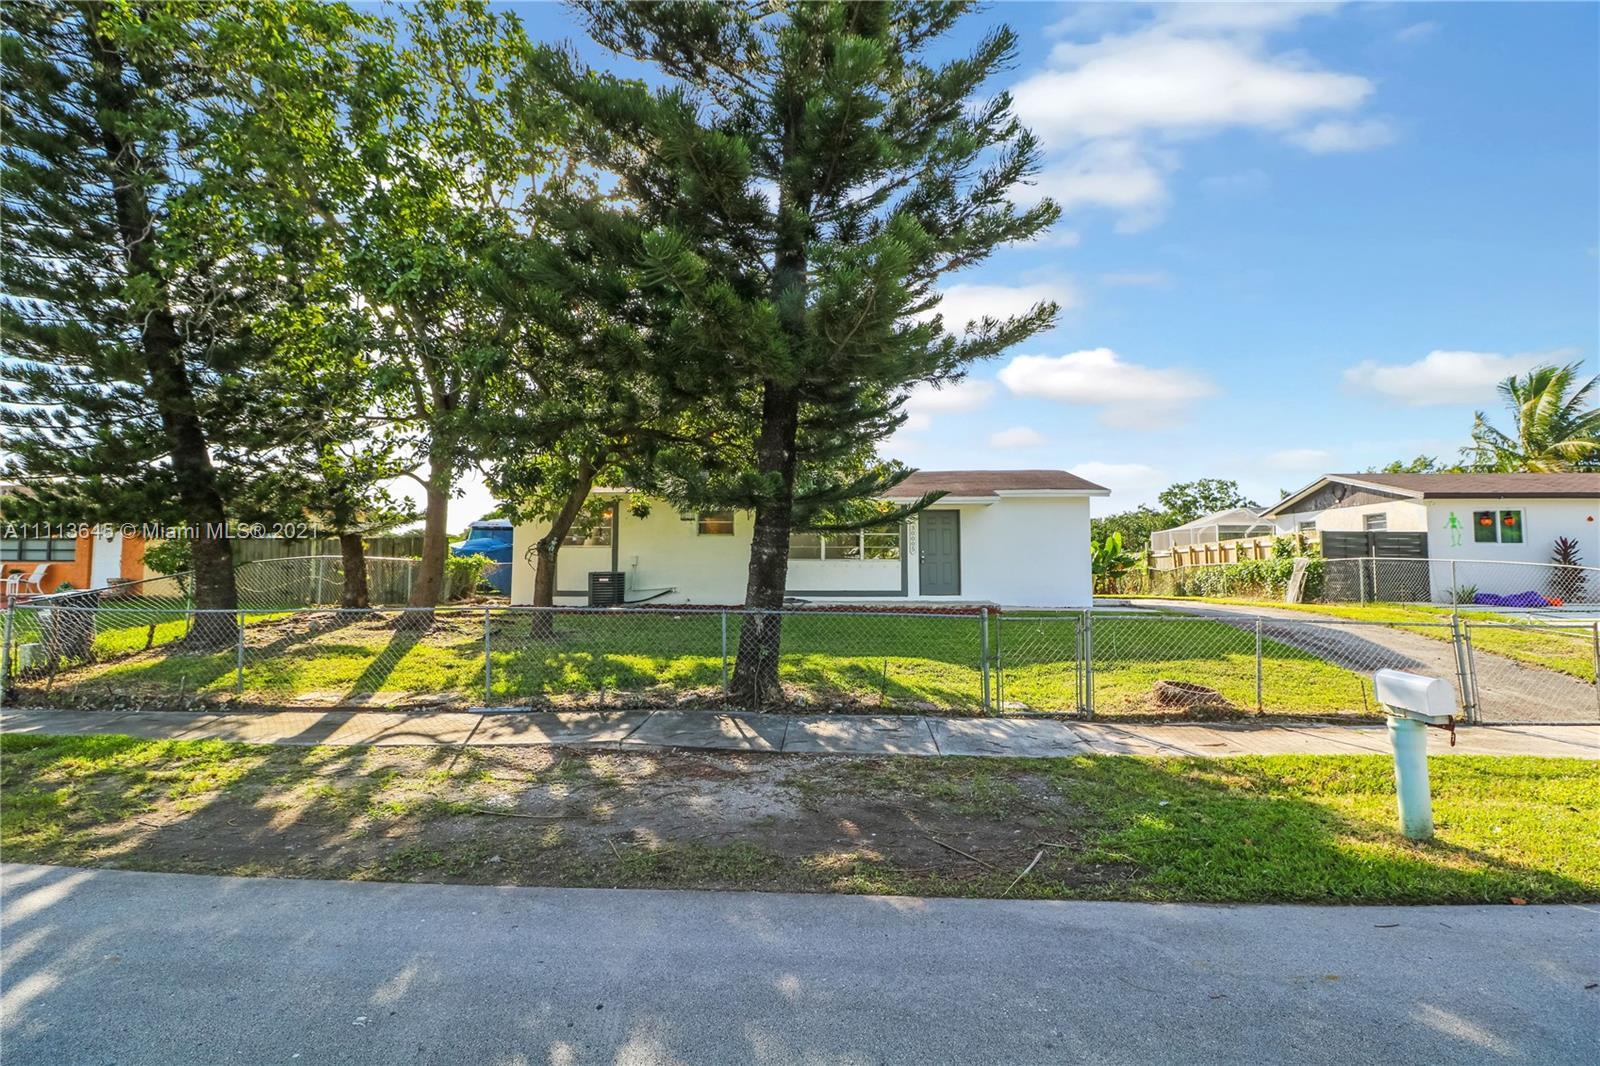 Single Family Home For Sale GEM HOMES NO THREE1,012 Sqft